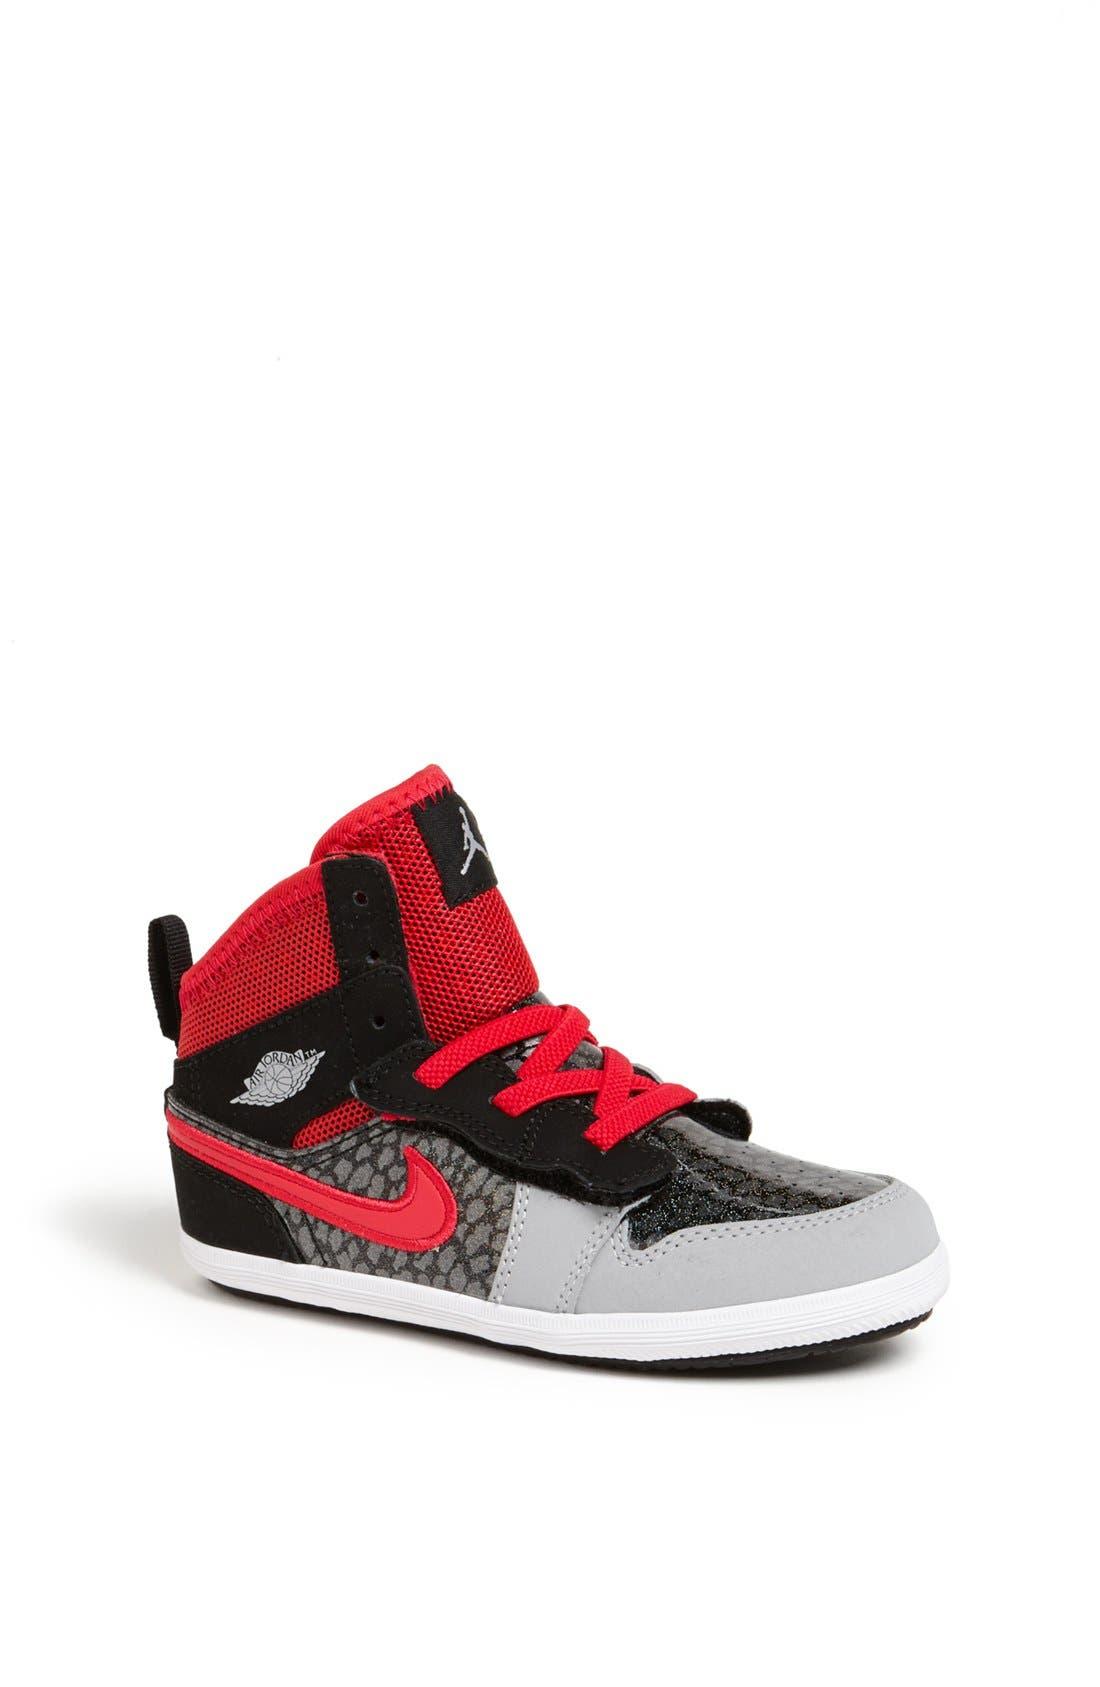 Main Image - Nike 'Jordan 1 Skinny High' Sneaker (Baby, Walker & Toddler)